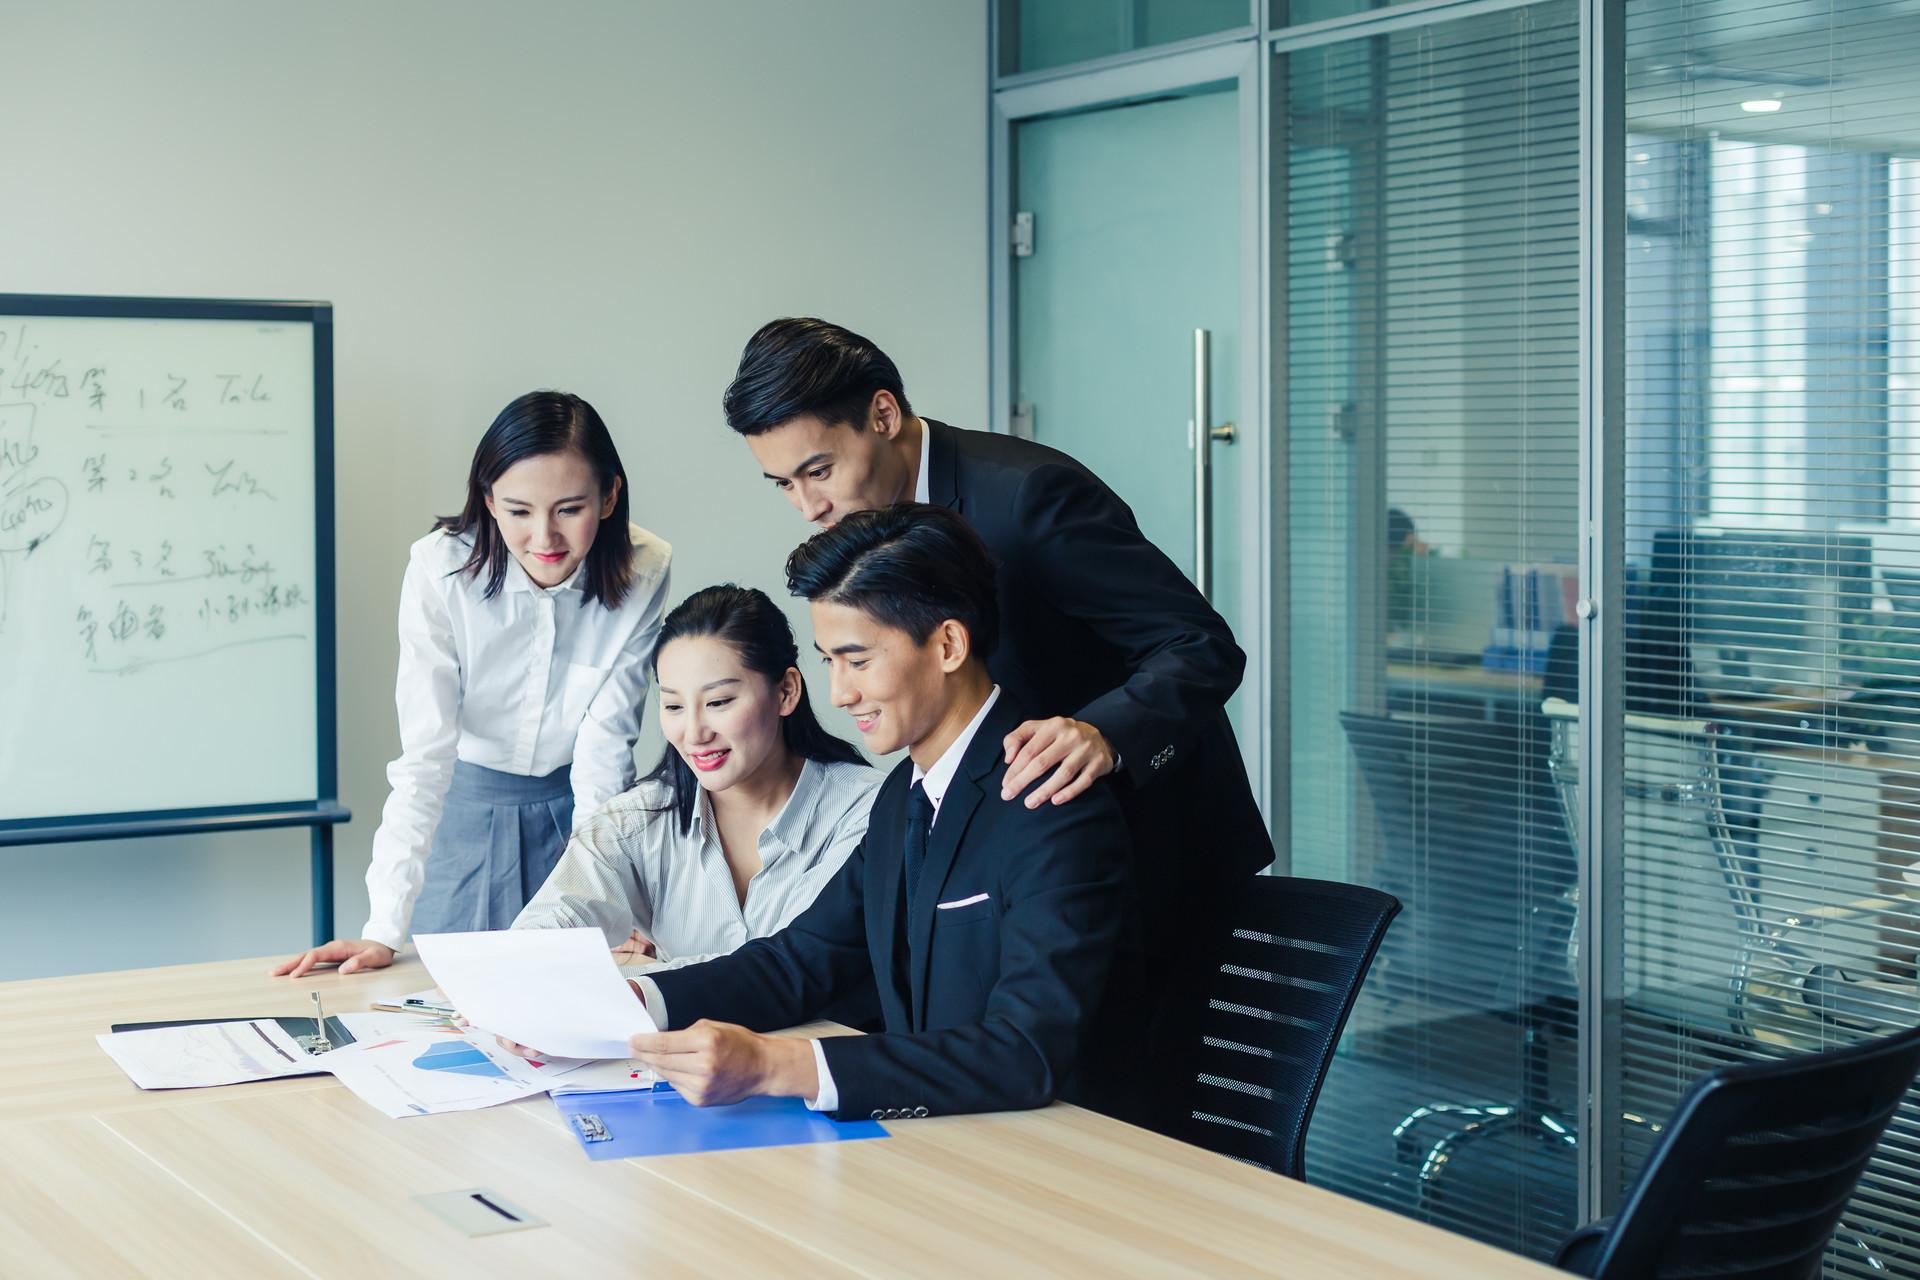 重庆社保代缴 这样的优秀平台有什么特点?